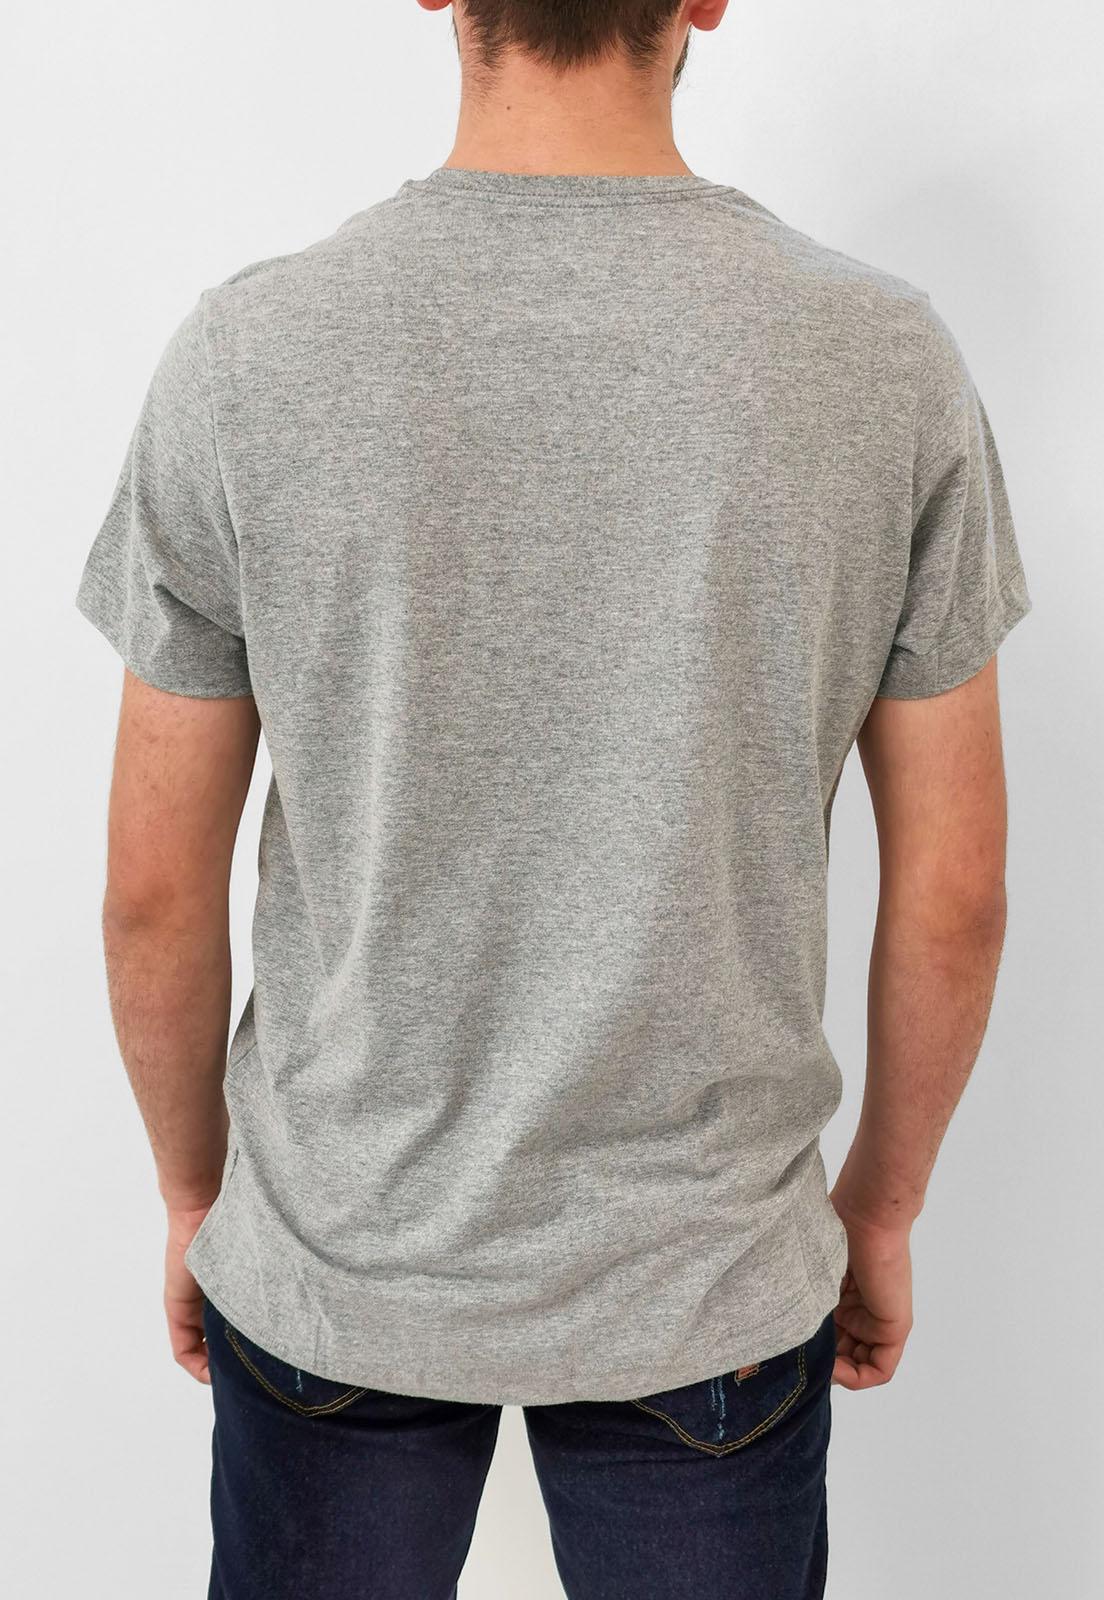 Camiseta Aéropostale Cinza Mescla Logo